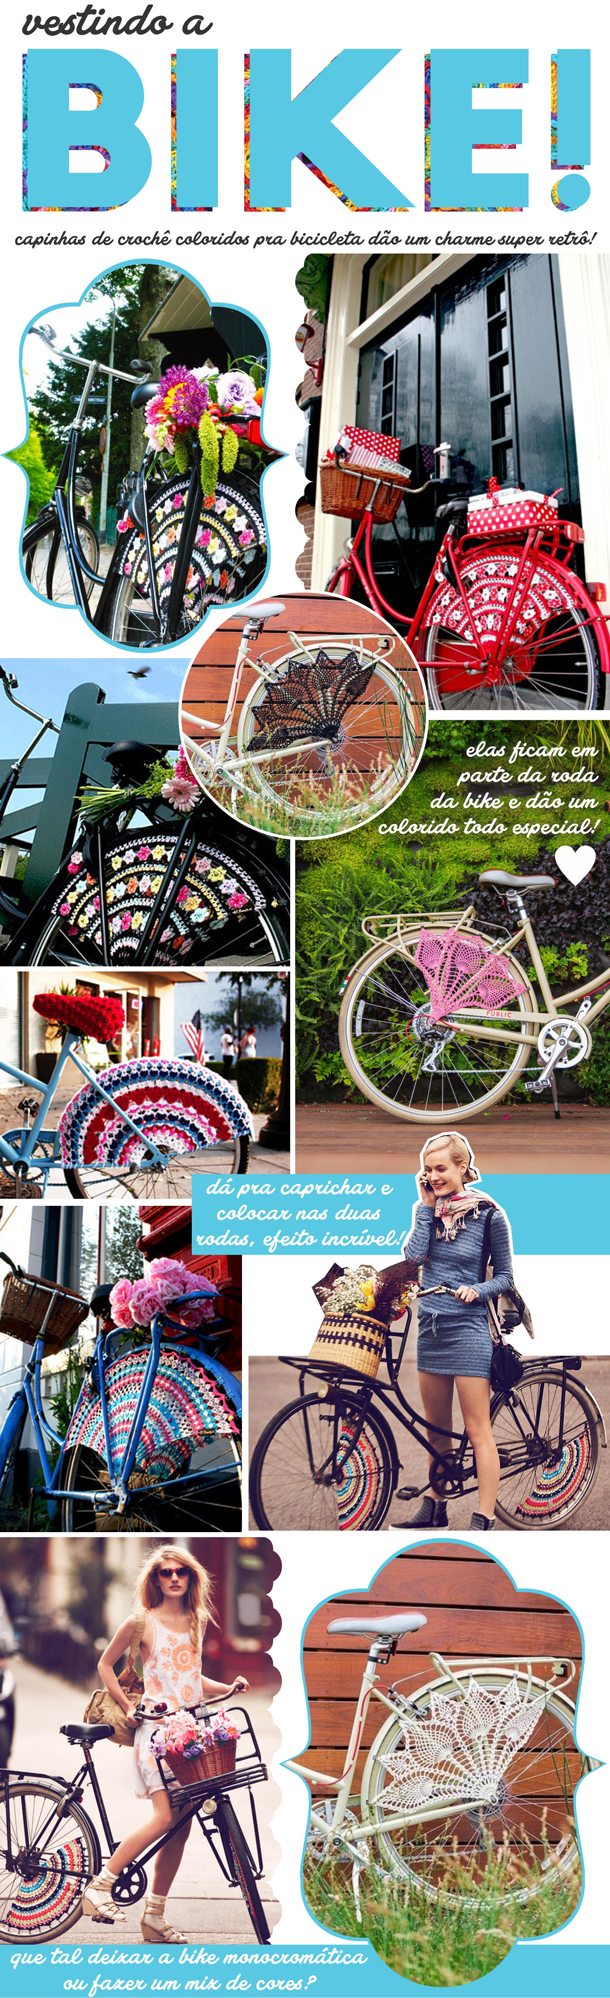 mundo-lolita-vestindo-a-bike